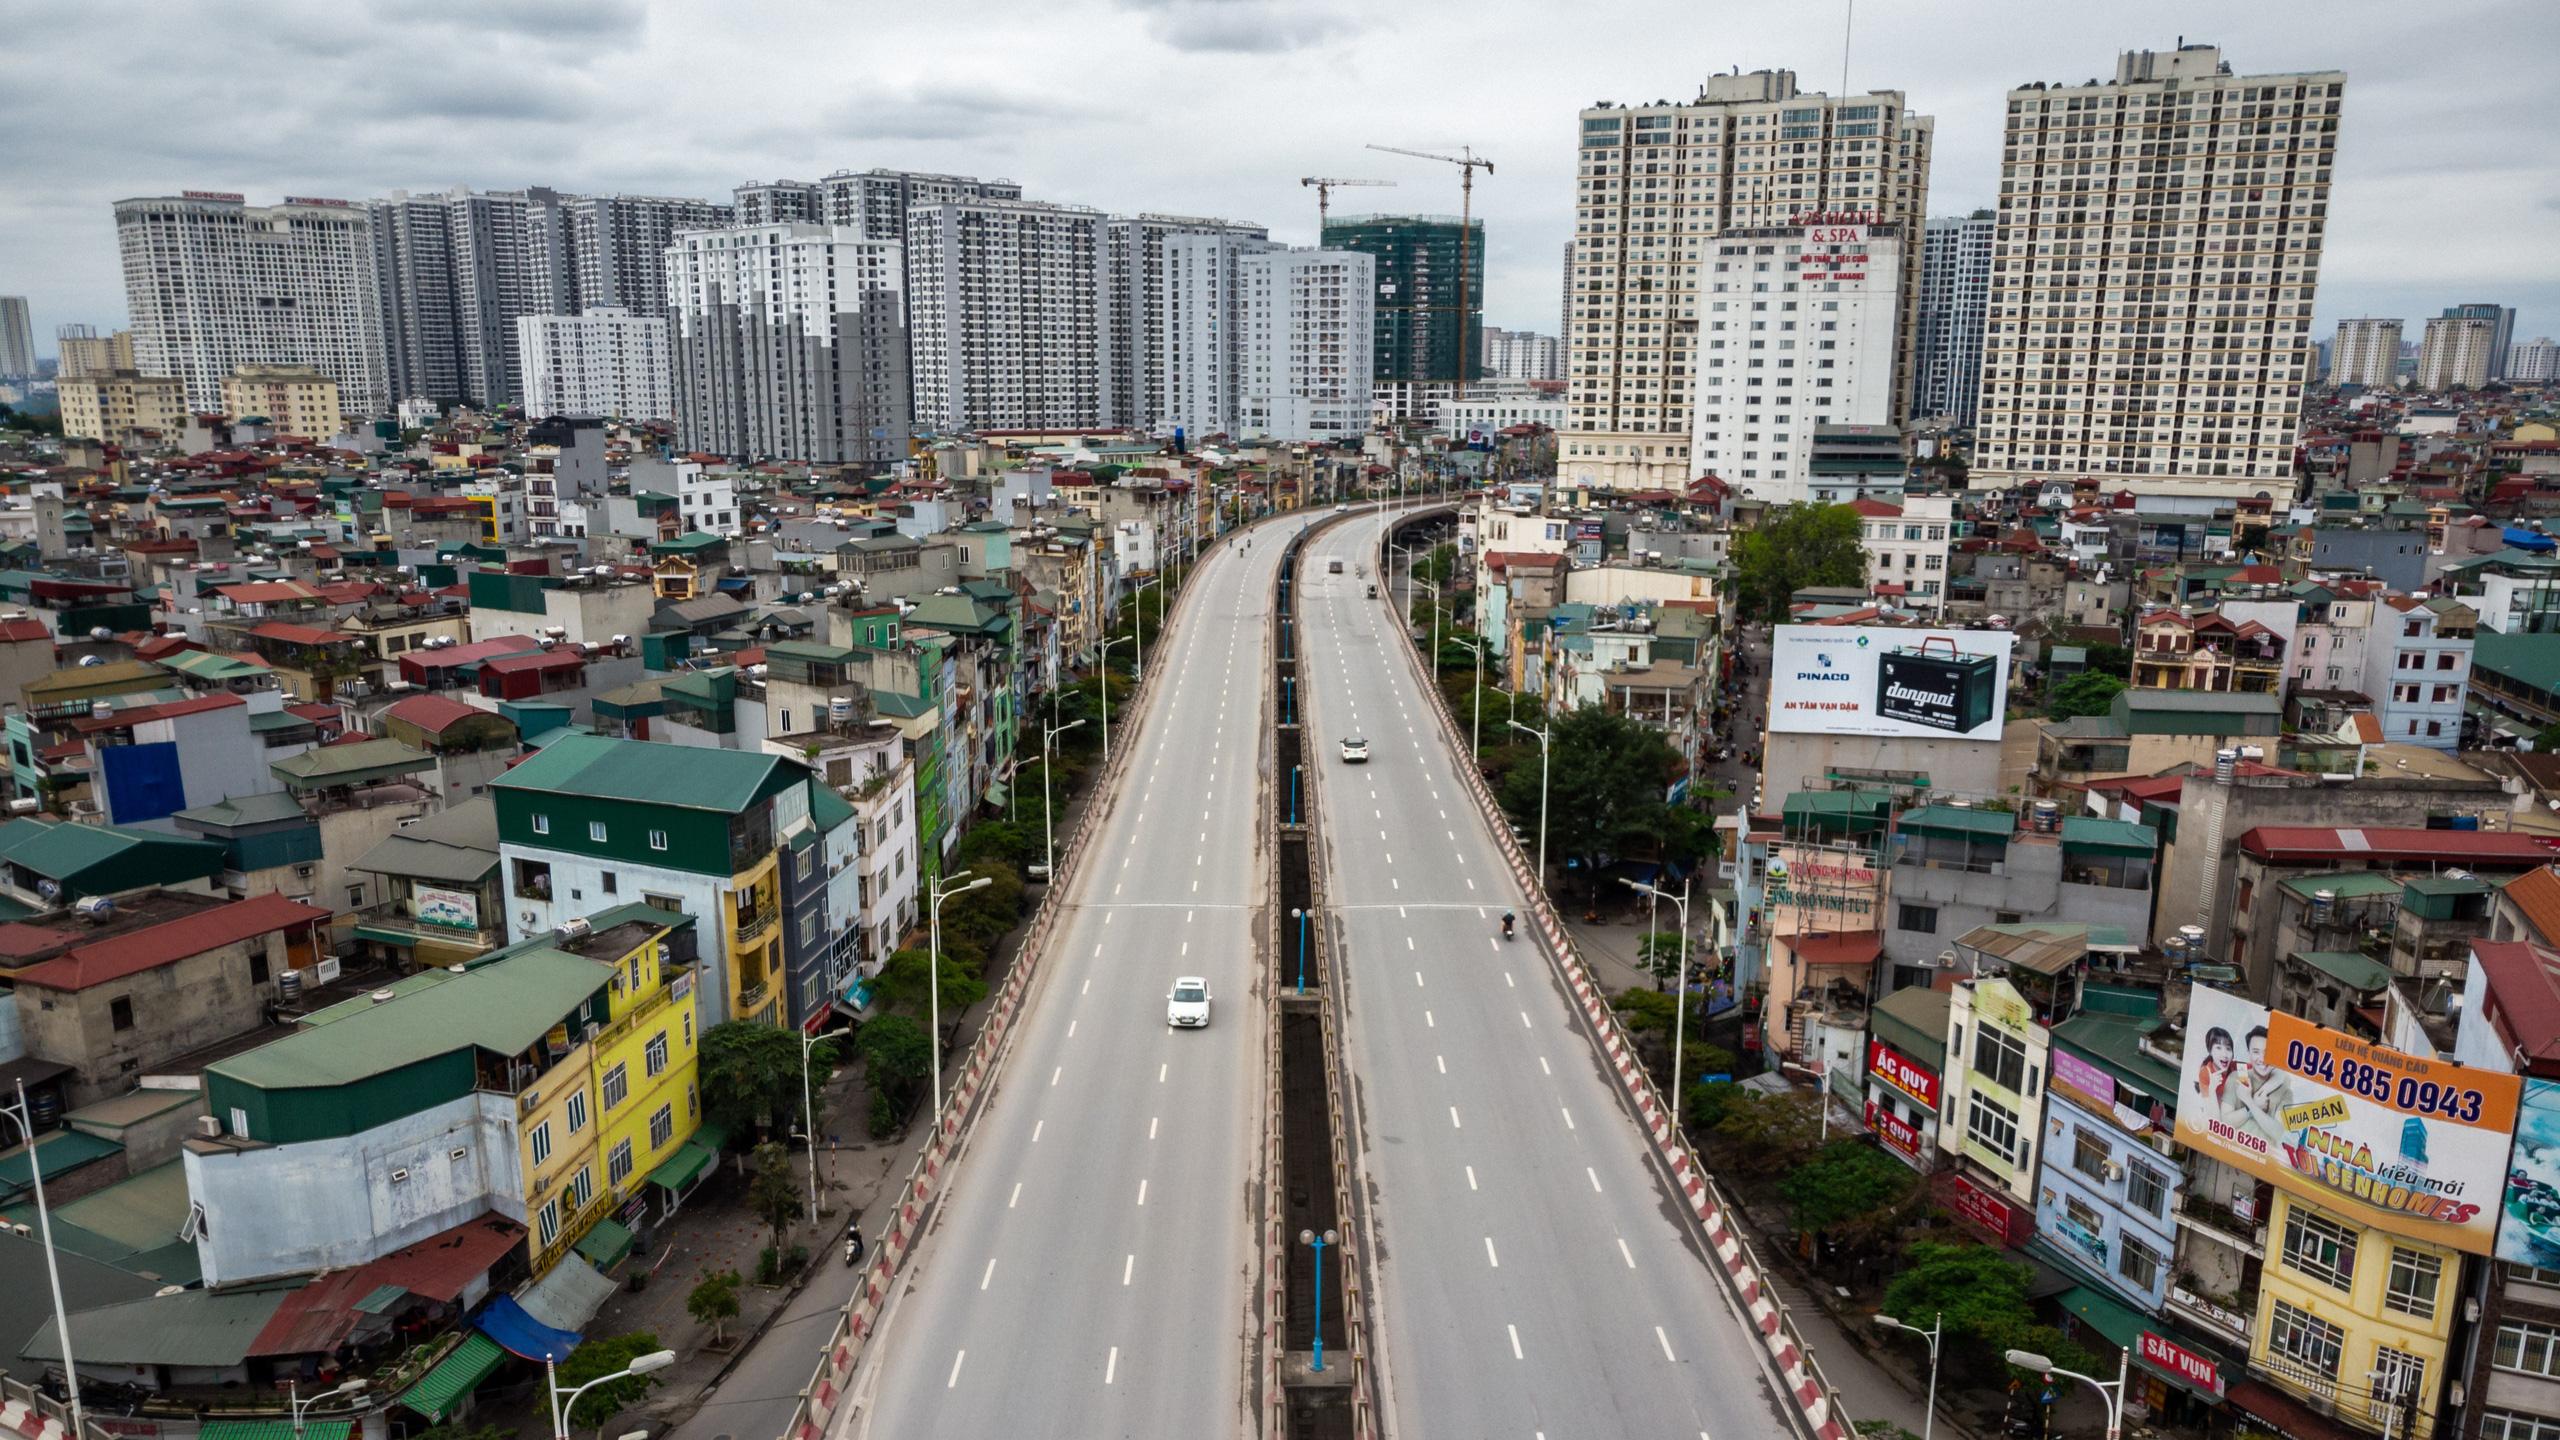 Forbes: Liệu Việt Nam sẽ dẫn đầu 6G hay công nghệ sinh học trong tương lai? - Ảnh 1.